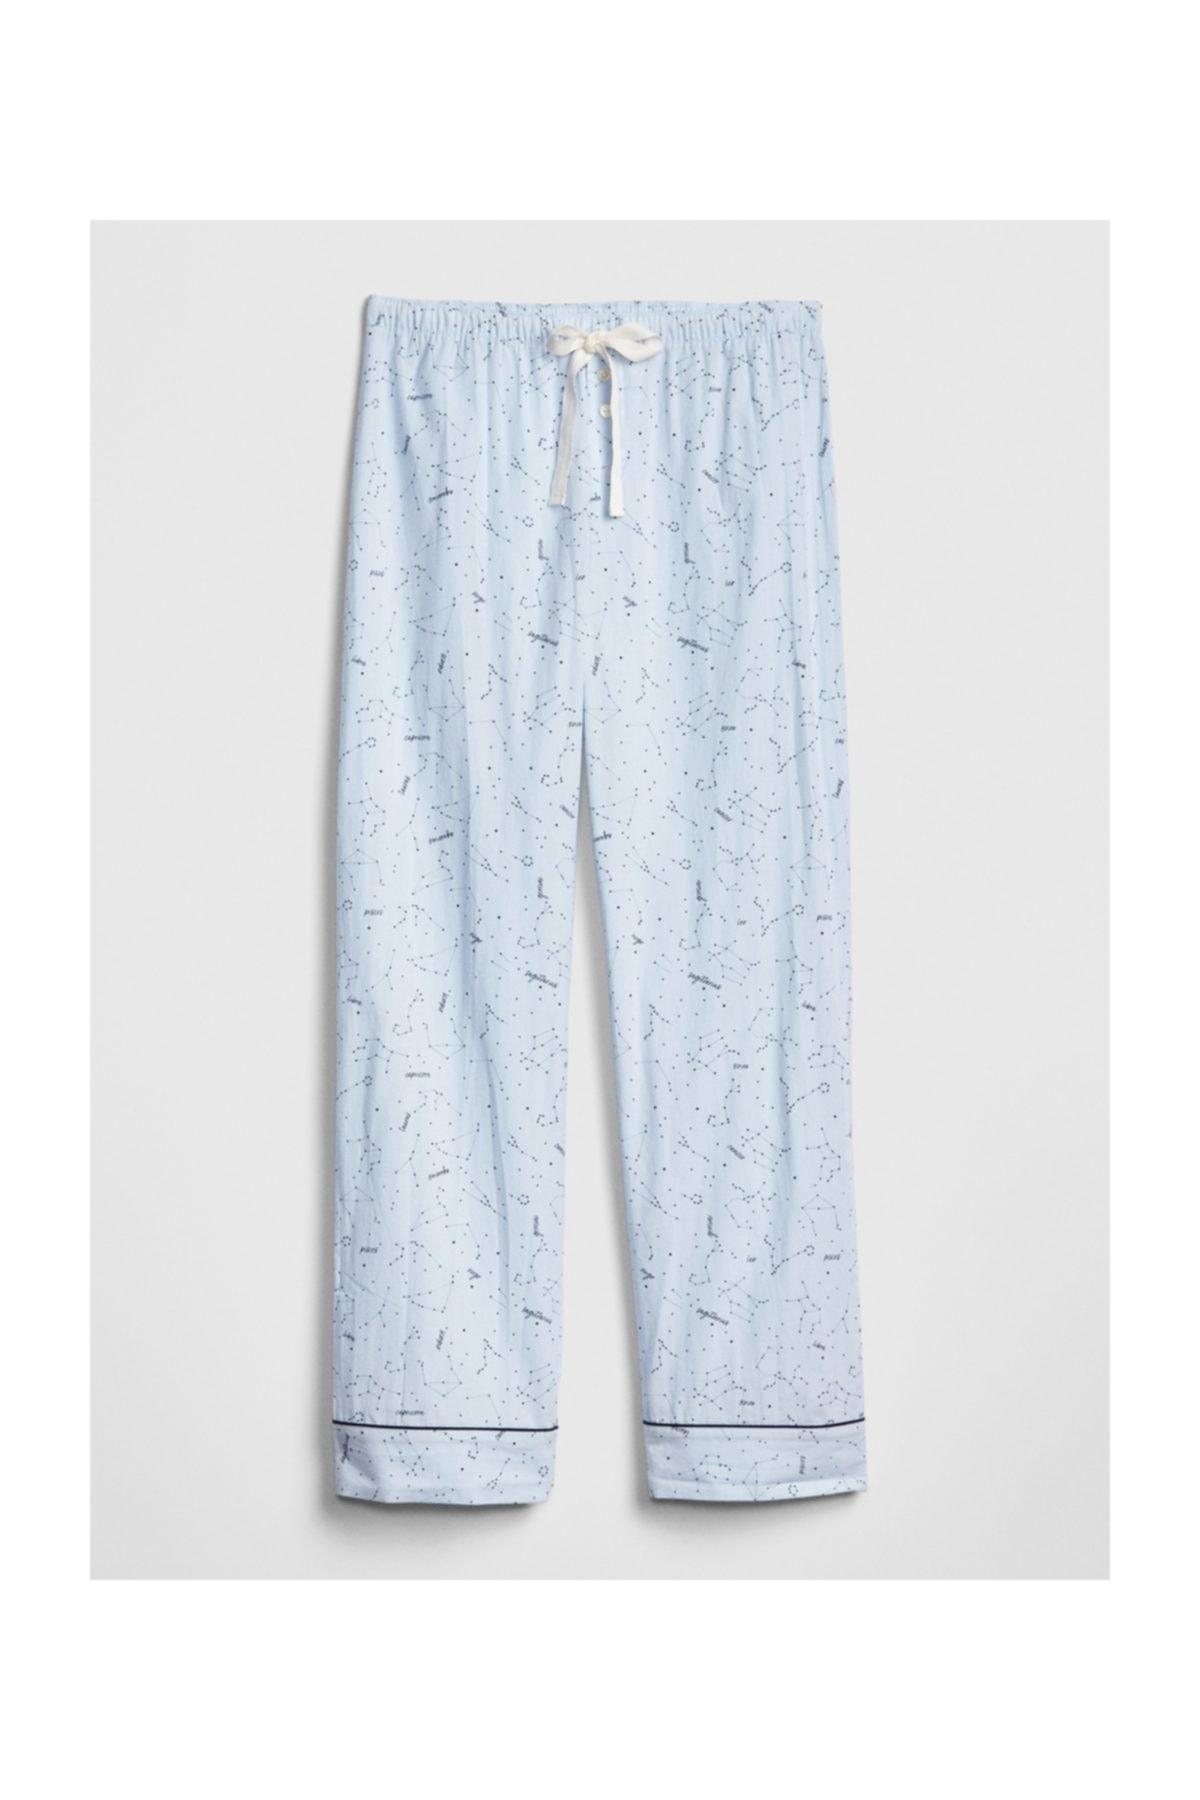 GAP Desenli Poplin Pijama Altı 2